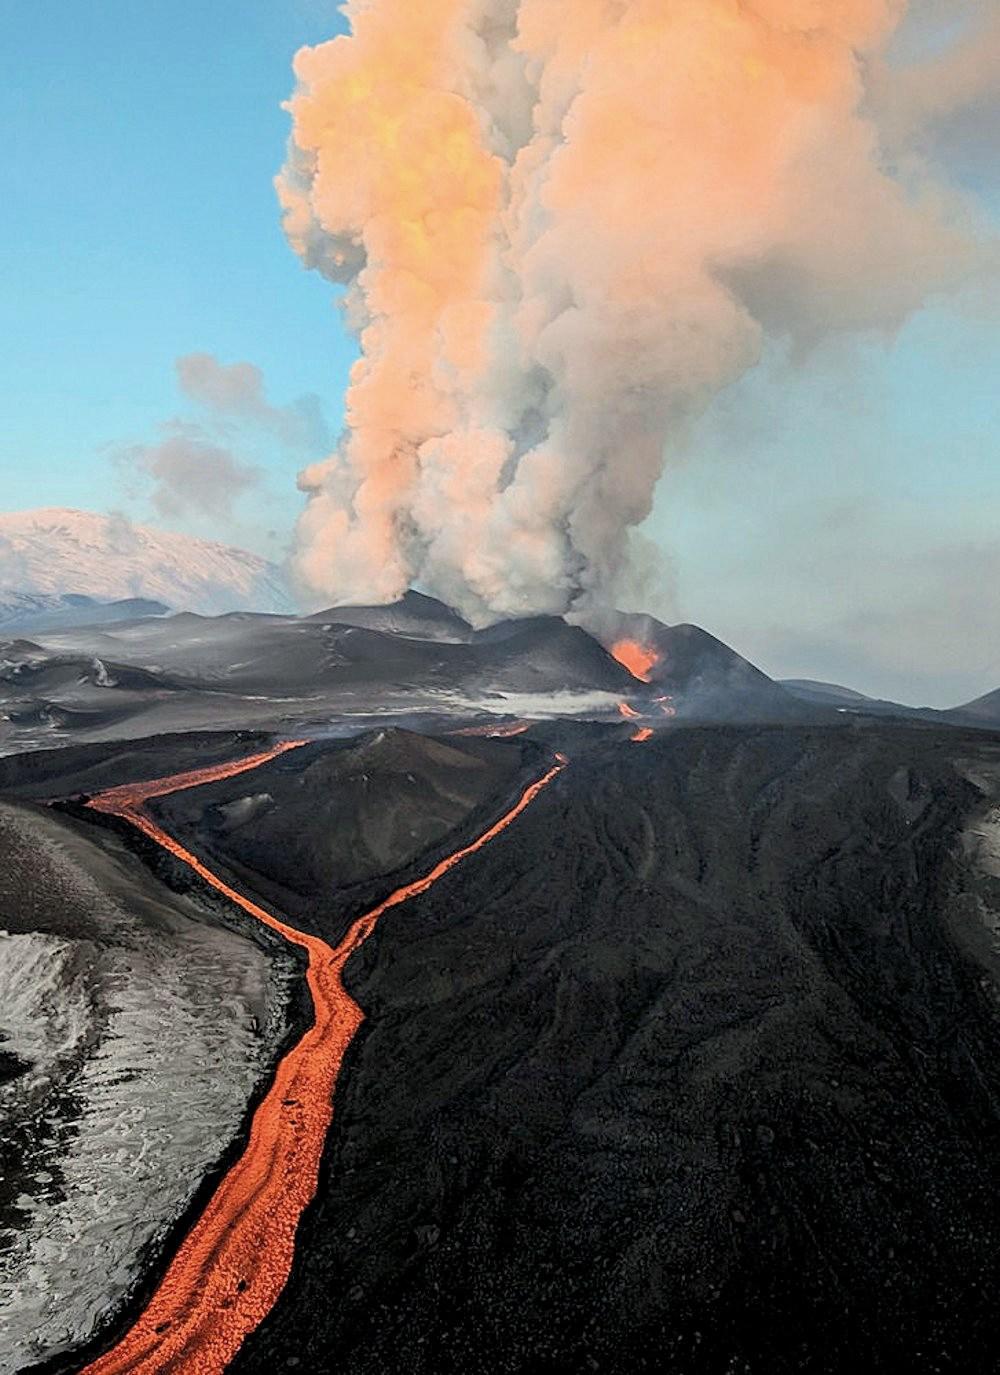 kamçatka volkanı 2012 faaliyet